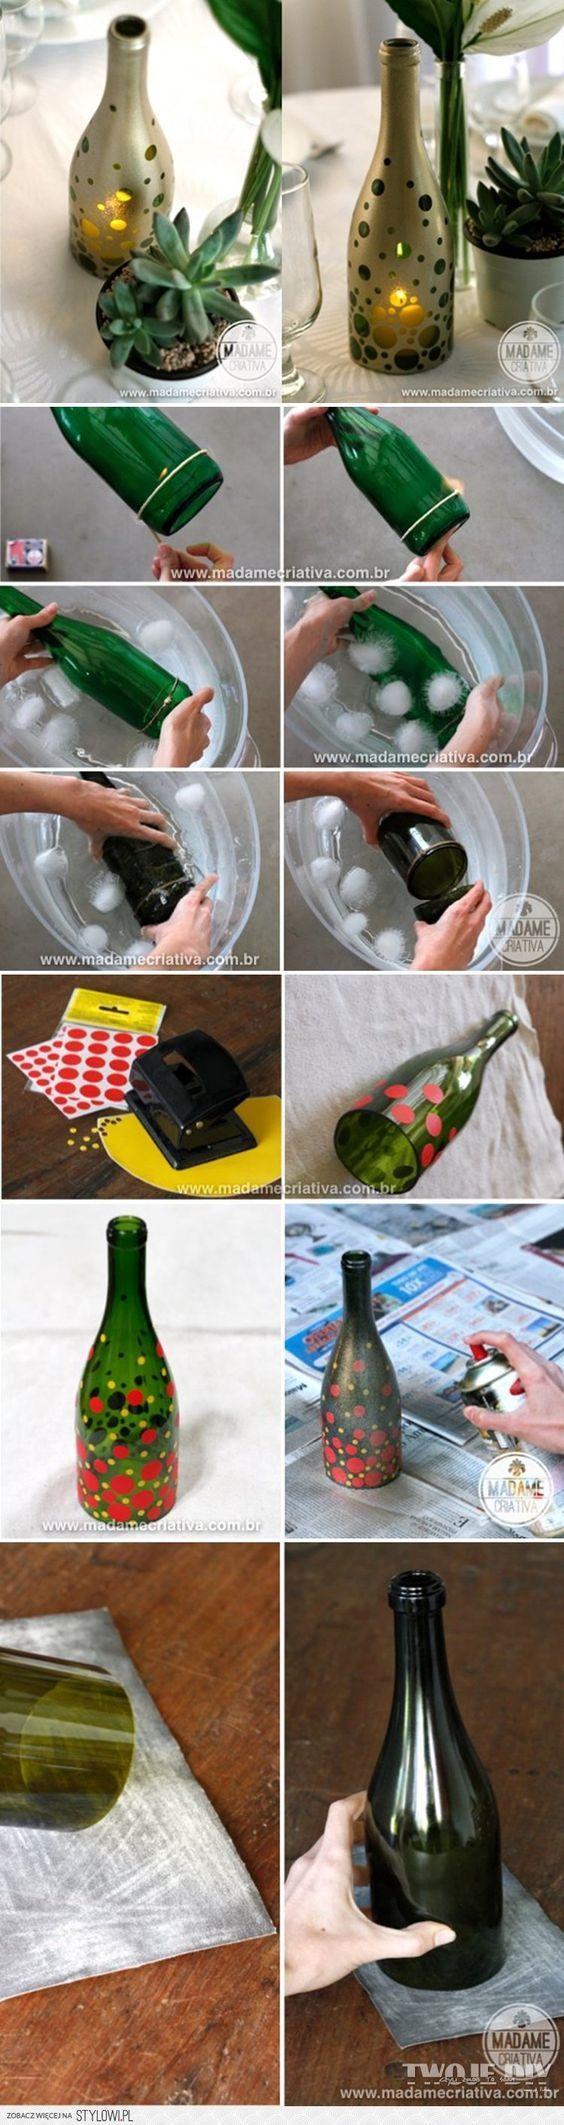 Wine bottle: